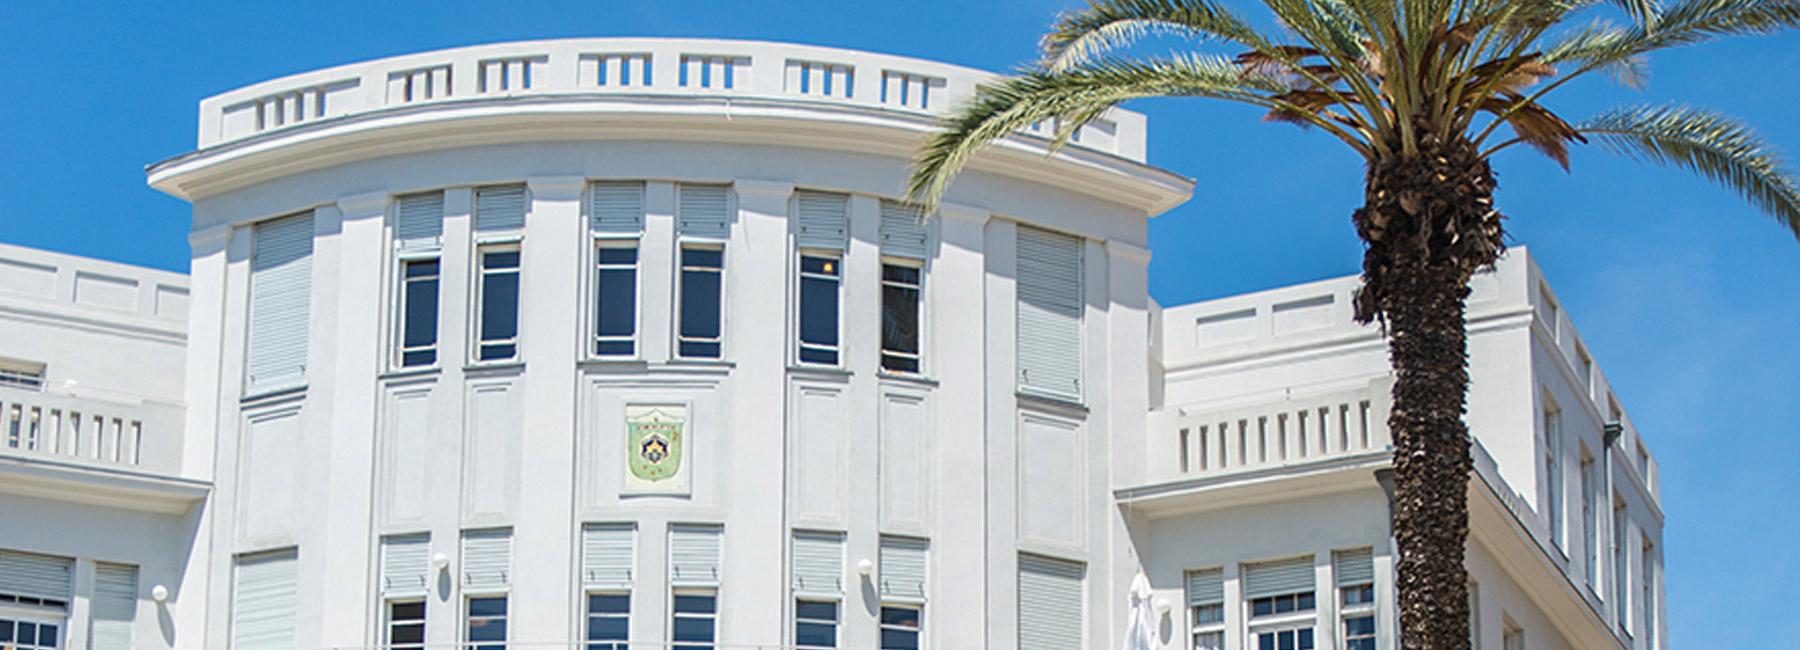 מלונות יוקרה בתל אביב באזור מוזיאונים